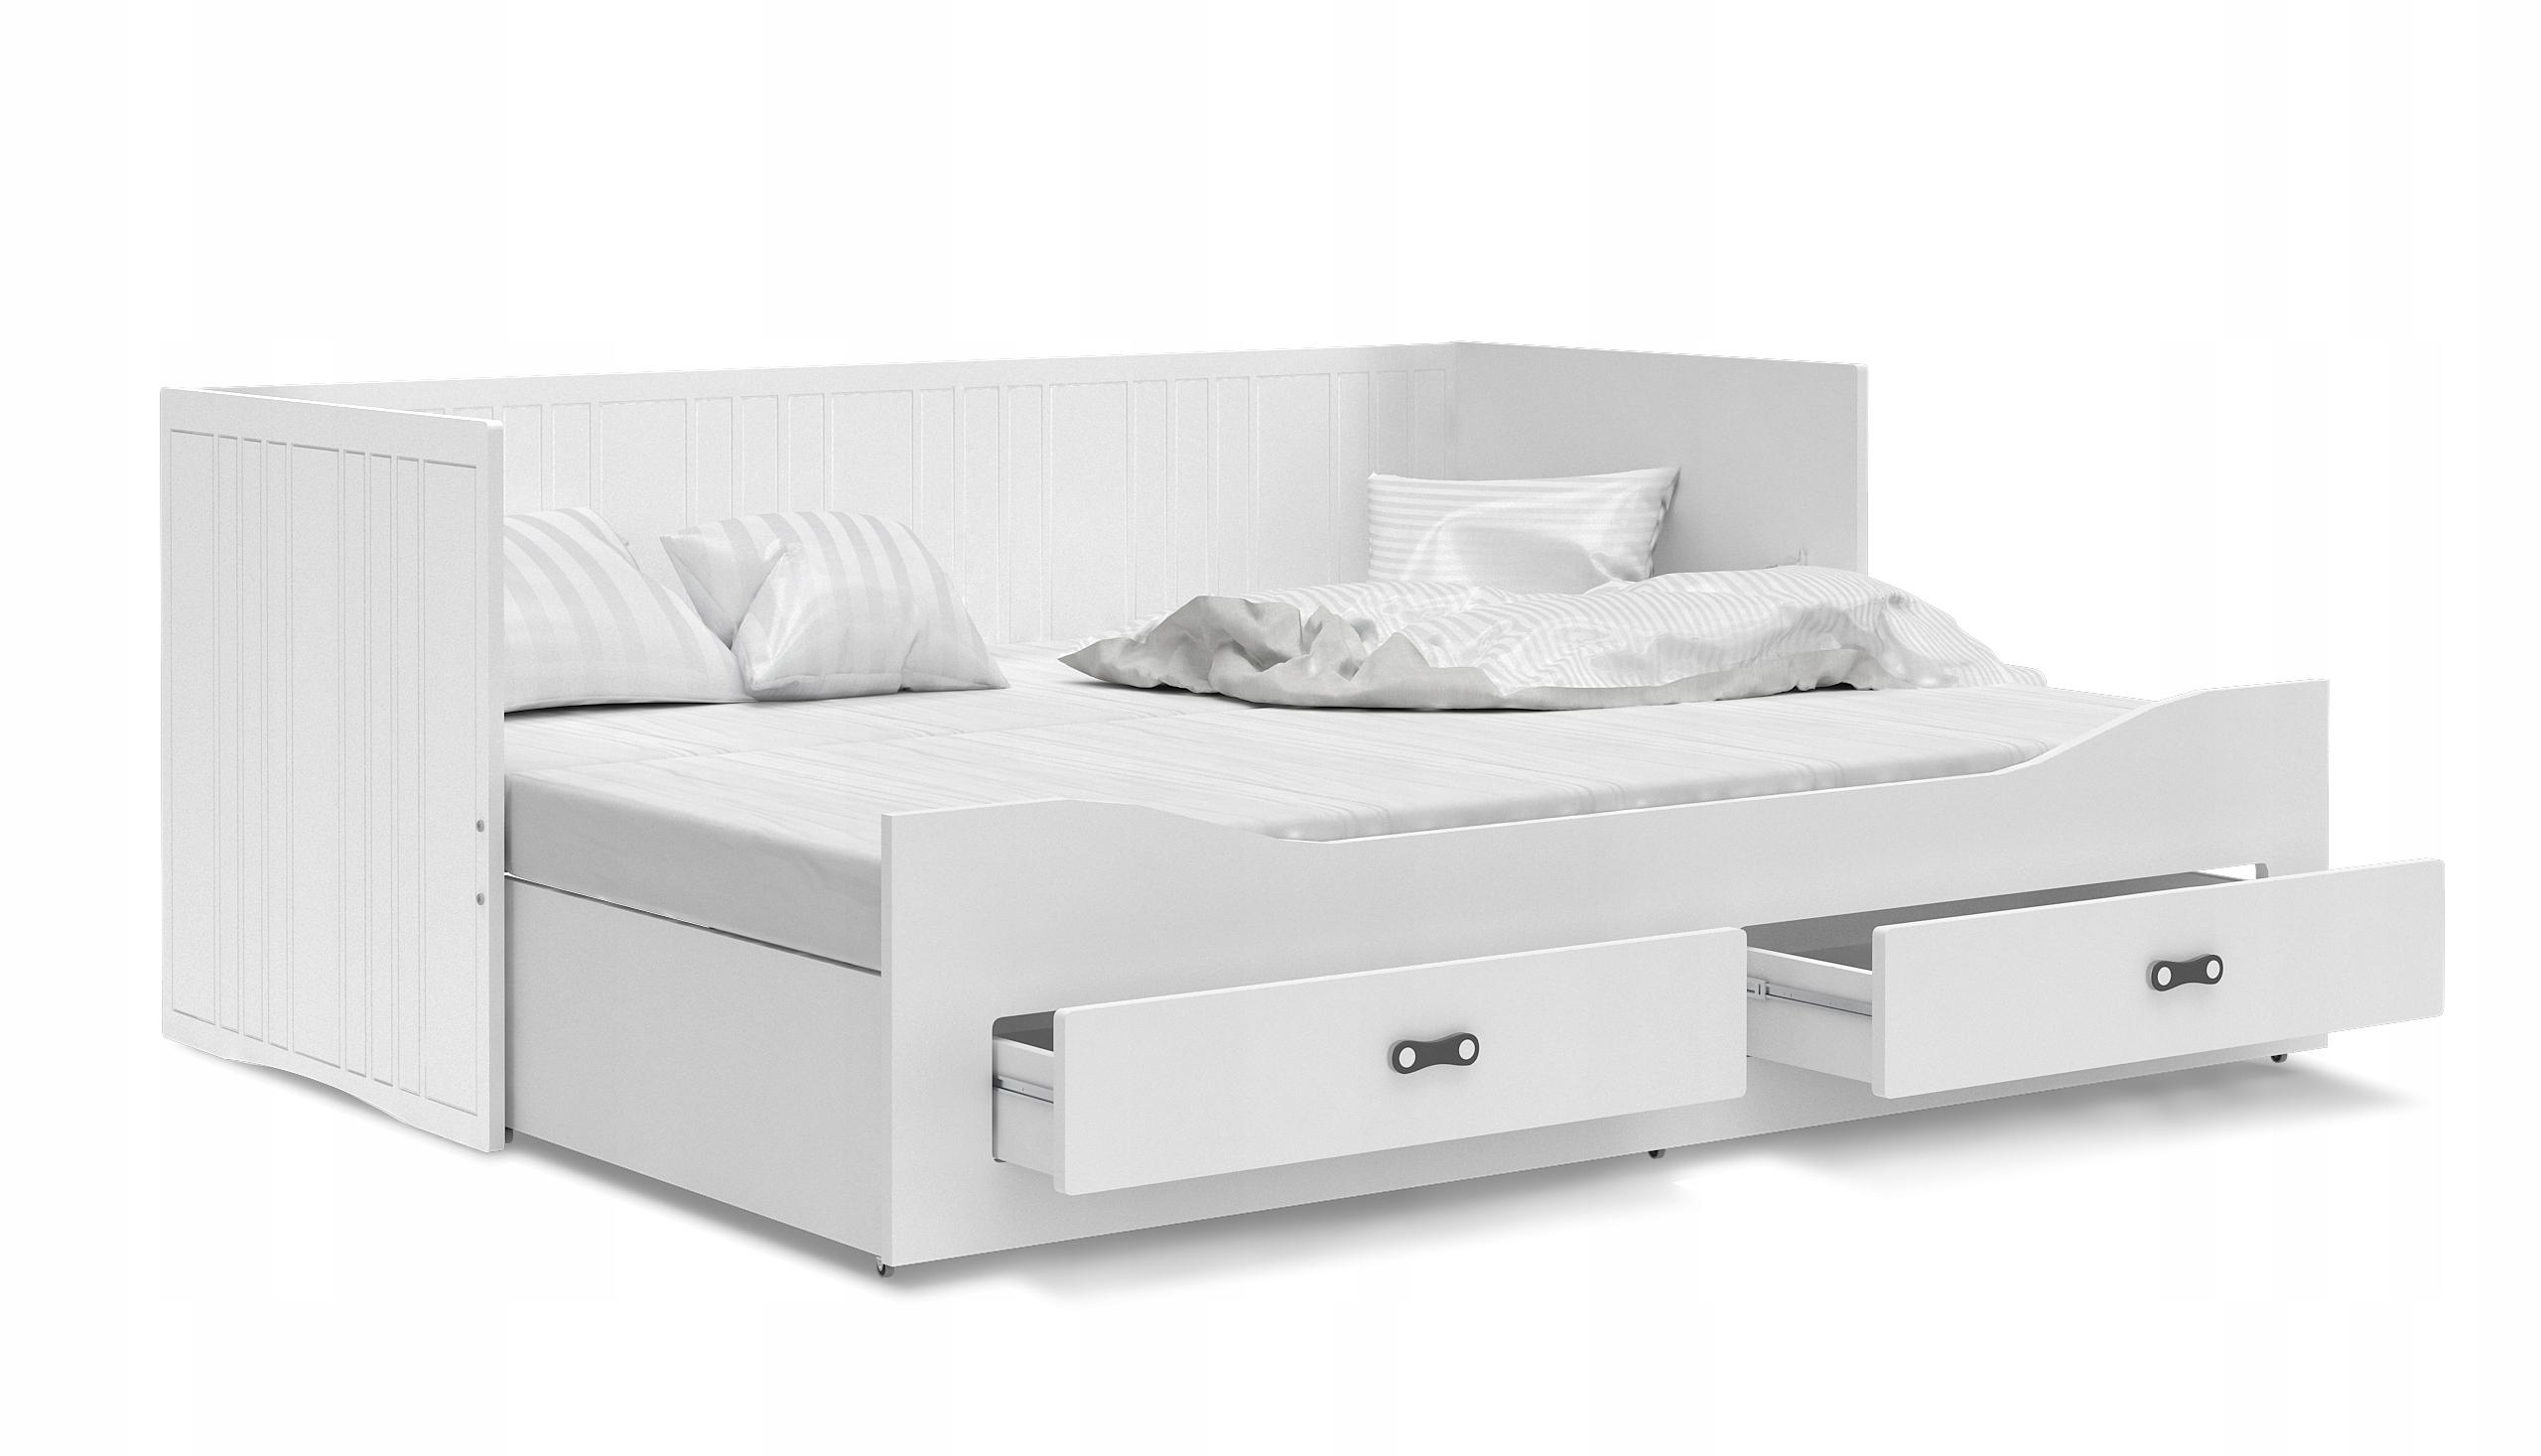 Łóżko rozkładane HERMES materace szuflady białe Szerokość mebla 204 cm